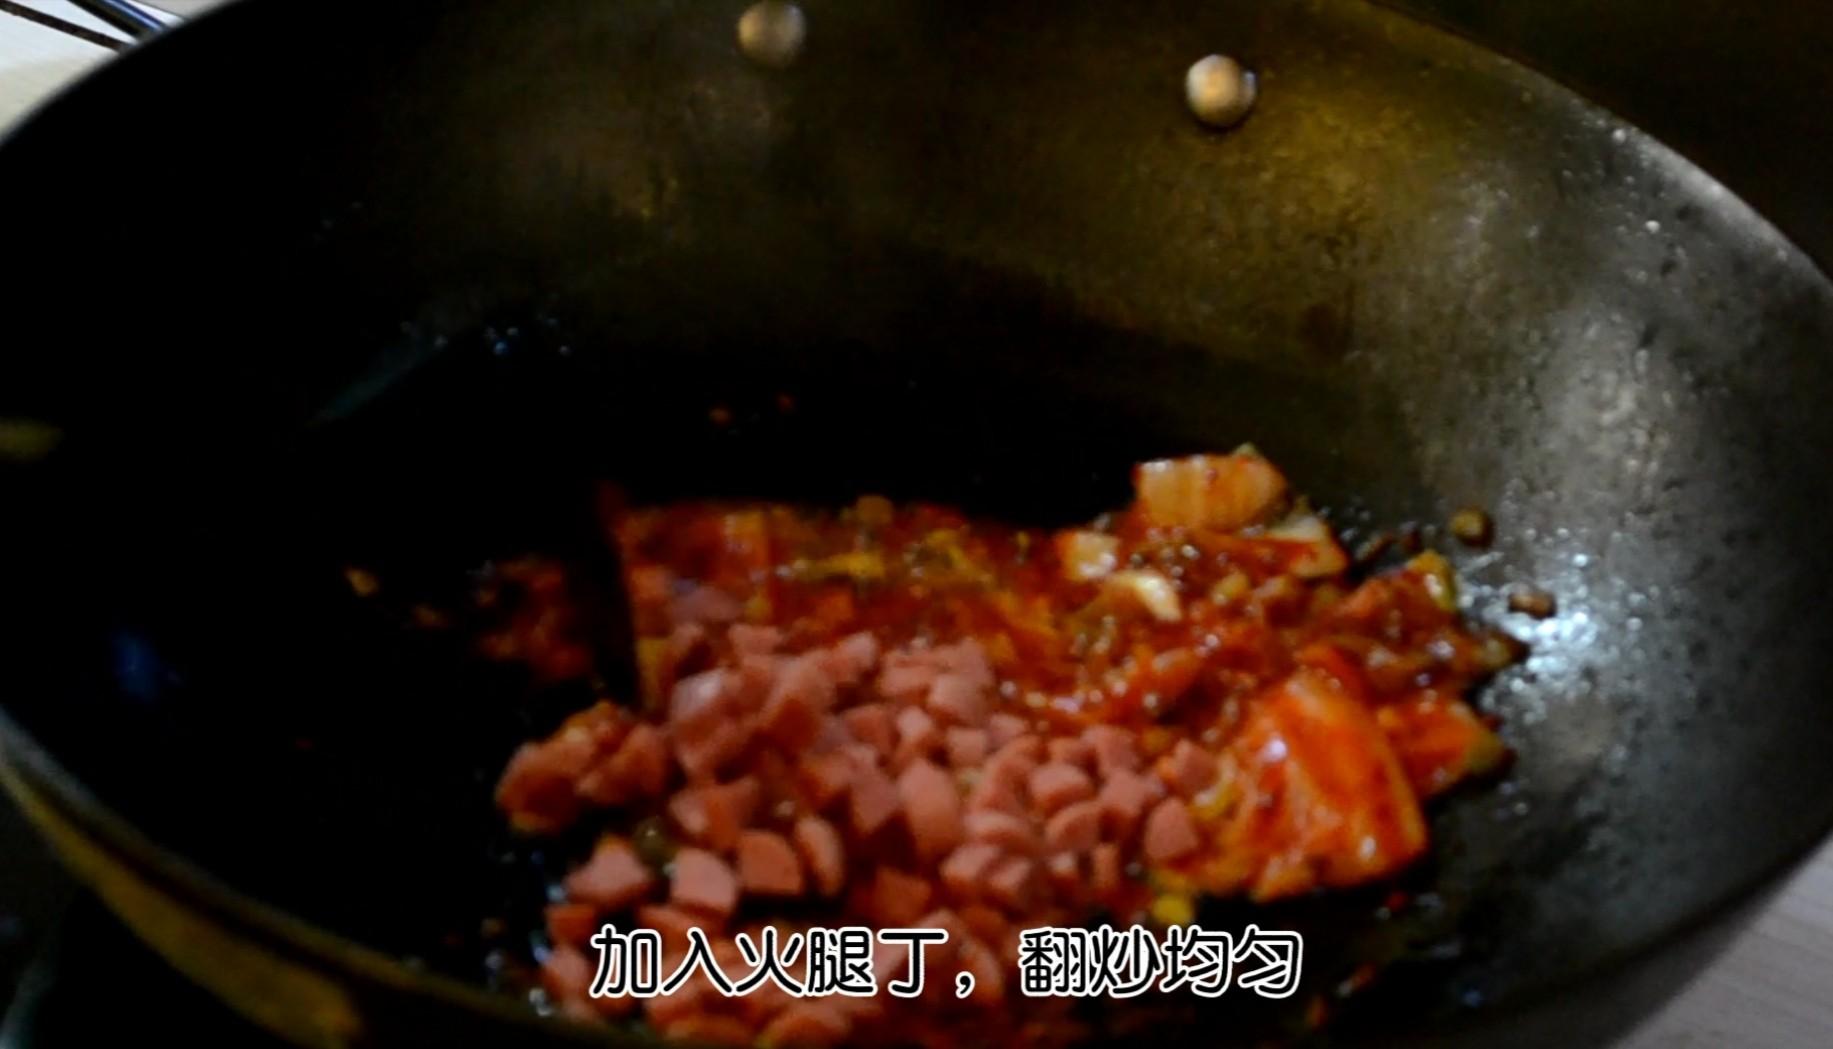 韩式辣白菜炒饭的做法图解